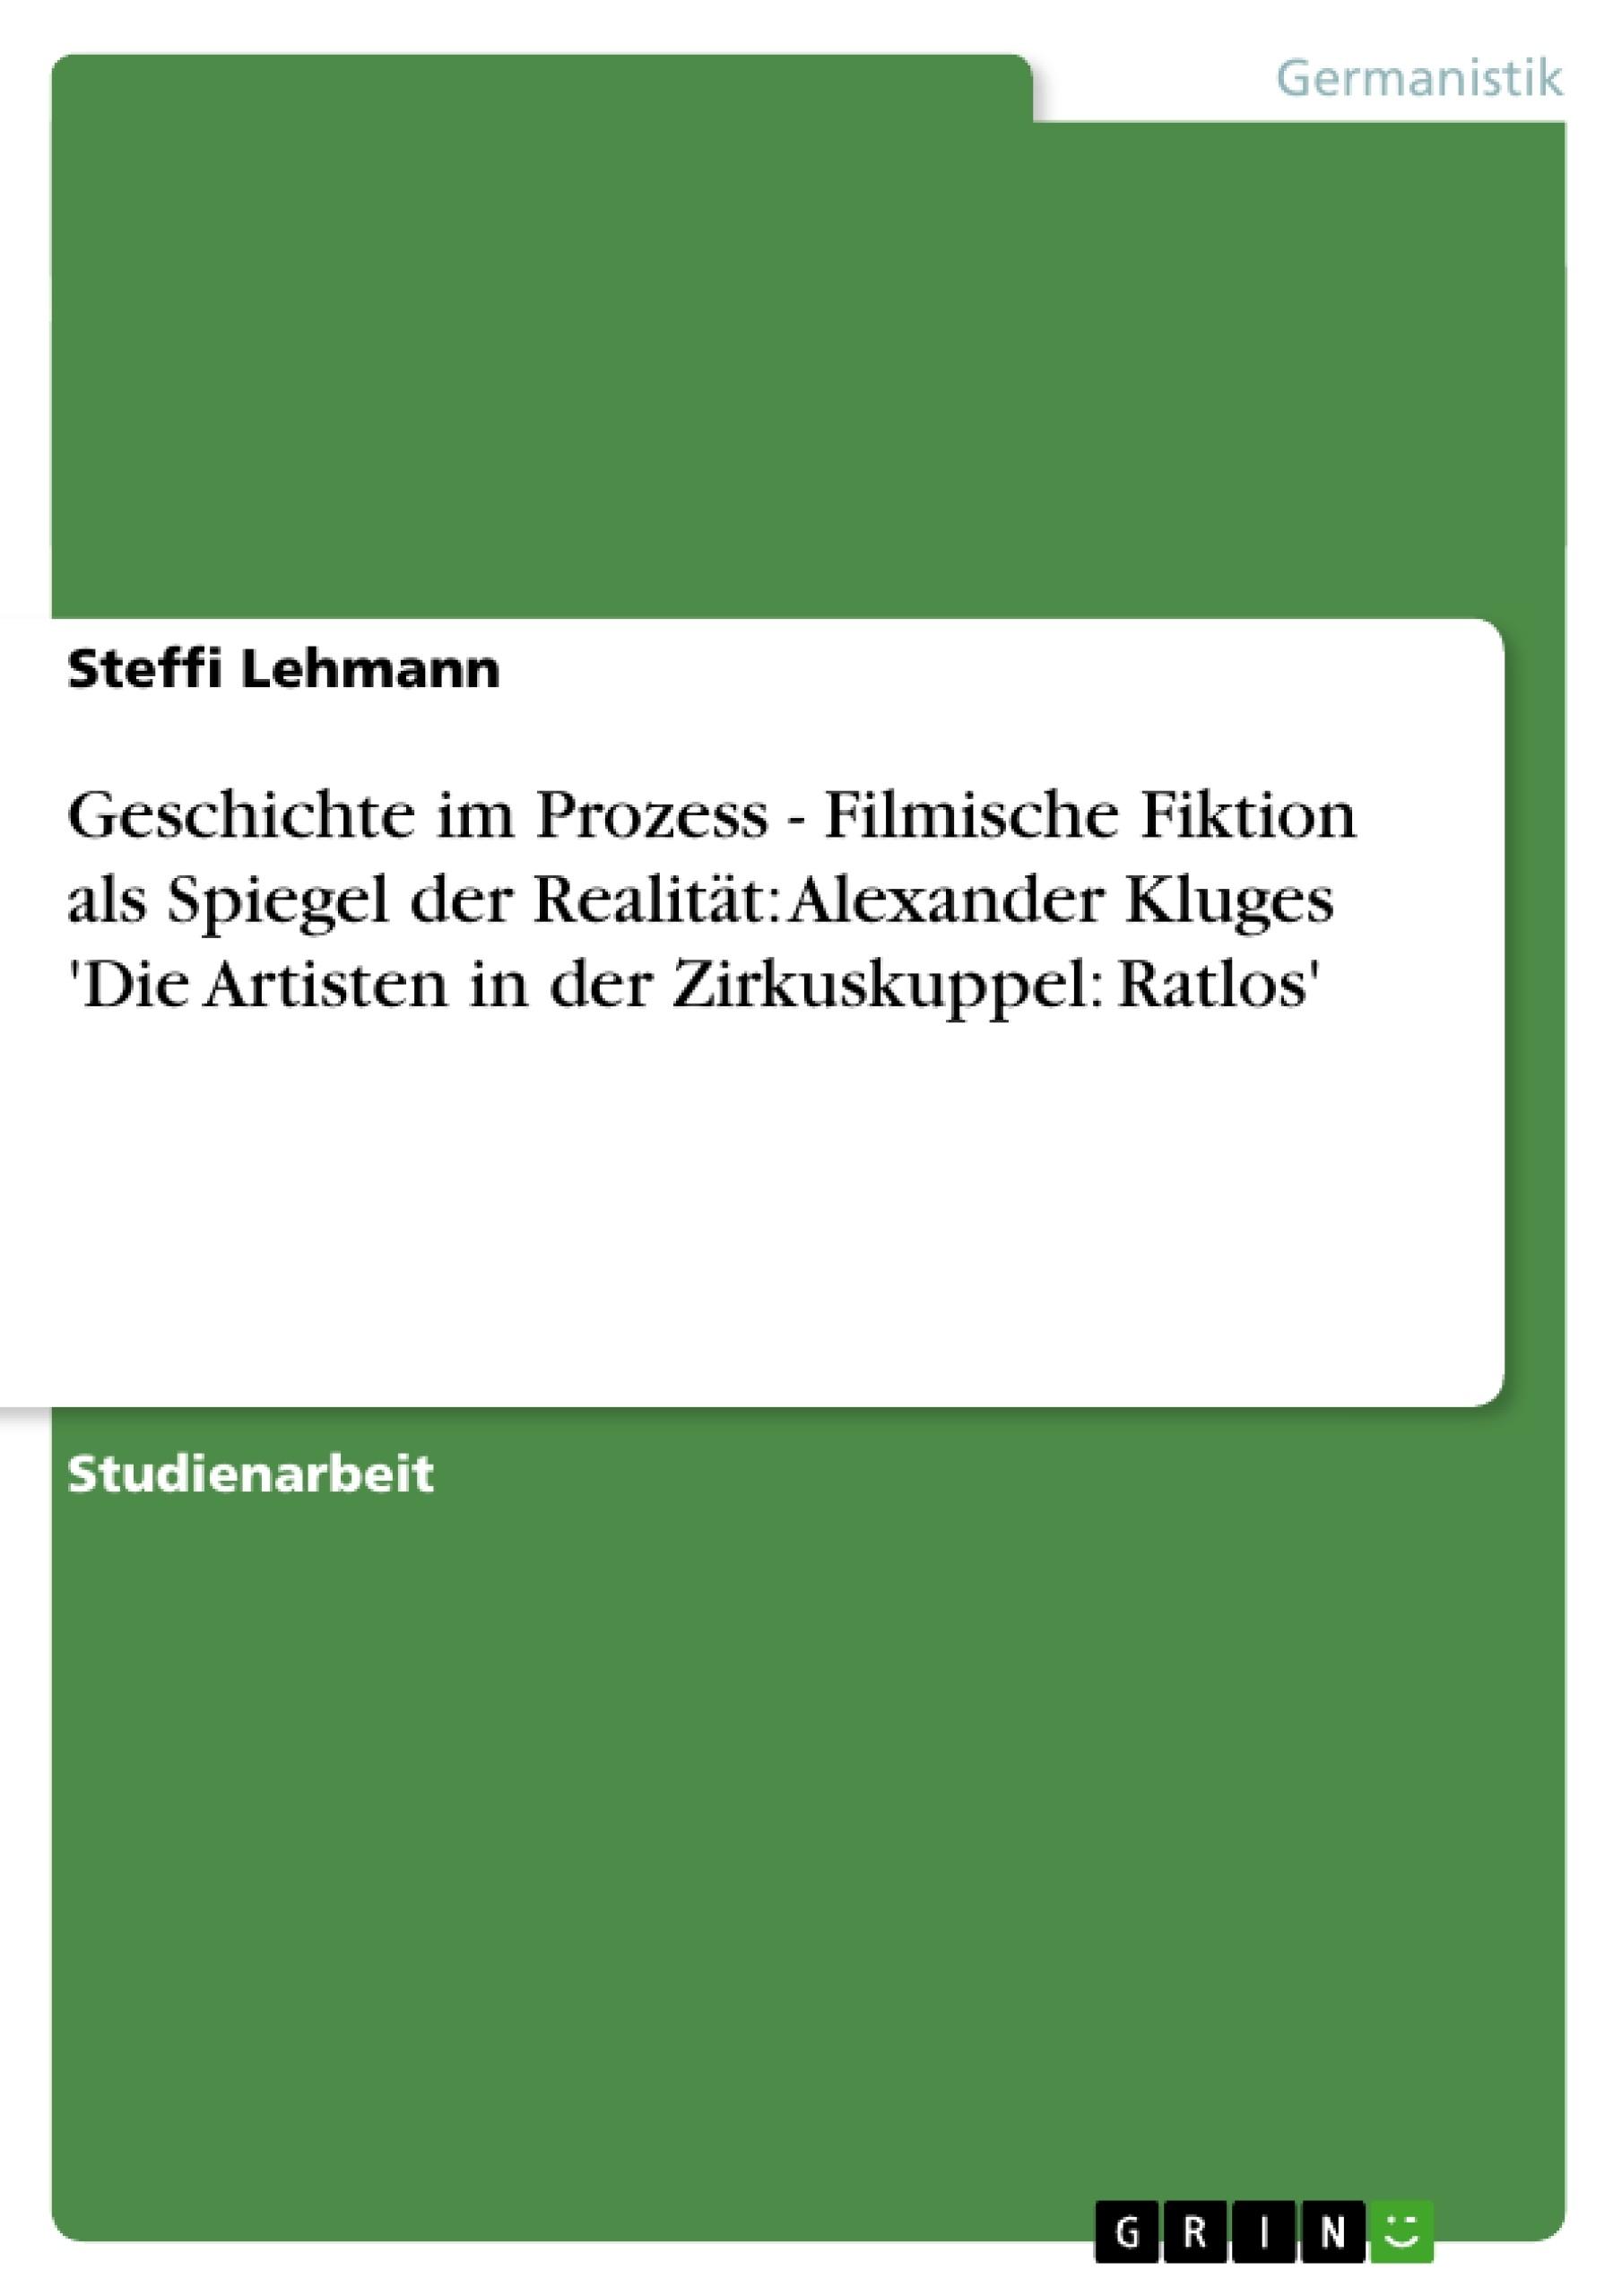 Titel: Geschichte im Prozess - Filmische Fiktion als Spiegel der Realität: Alexander Kluges 'Die Artisten in der Zirkuskuppel: Ratlos'